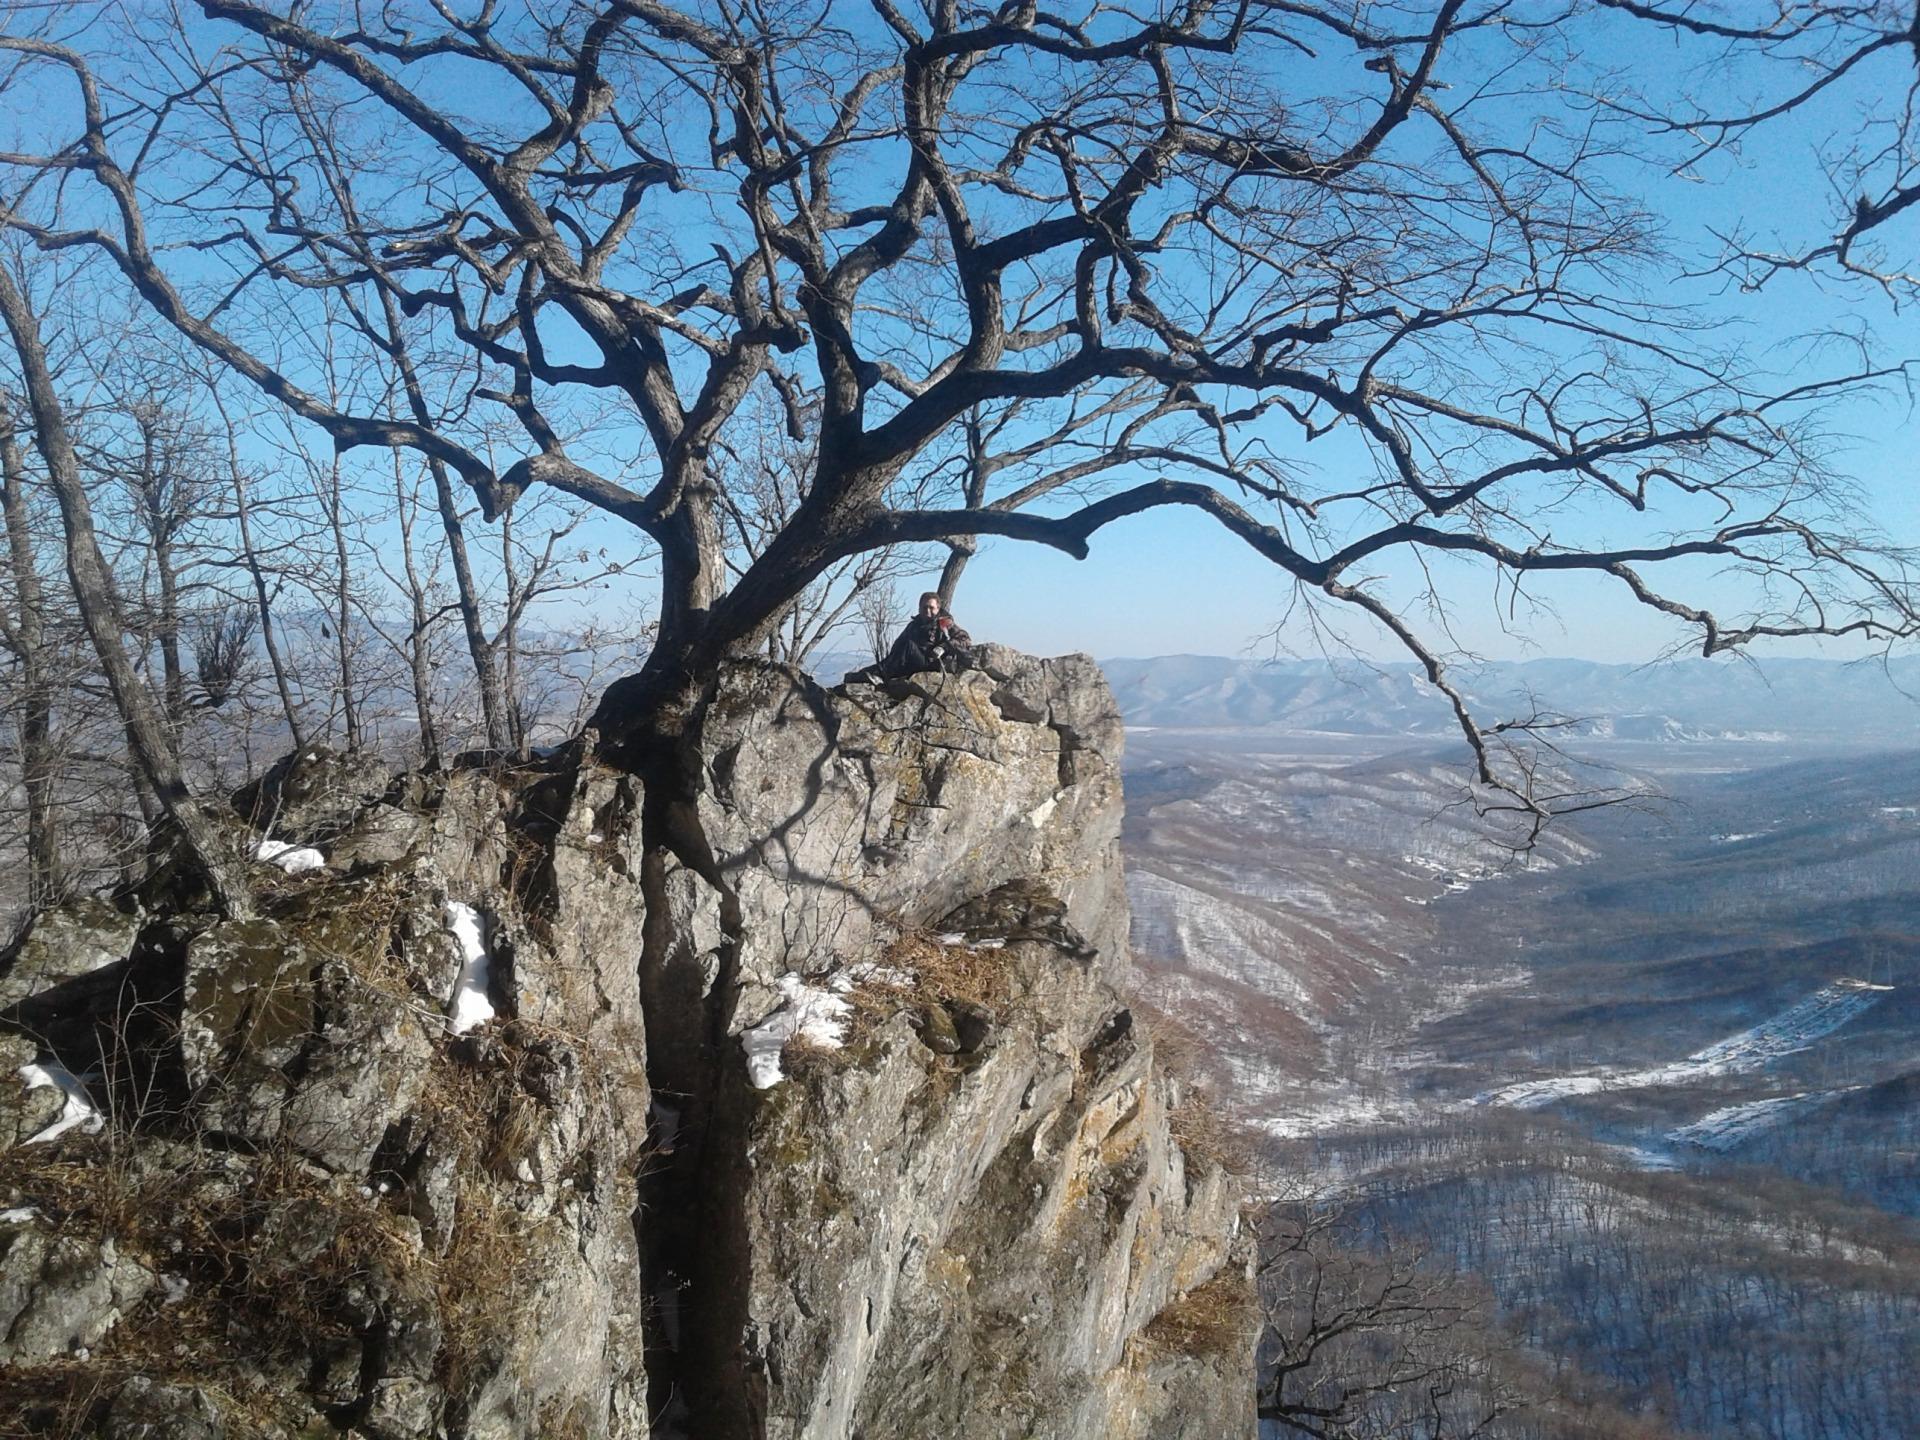 Одинокое старое дерево на скале. Фото Натальи Аграфениной